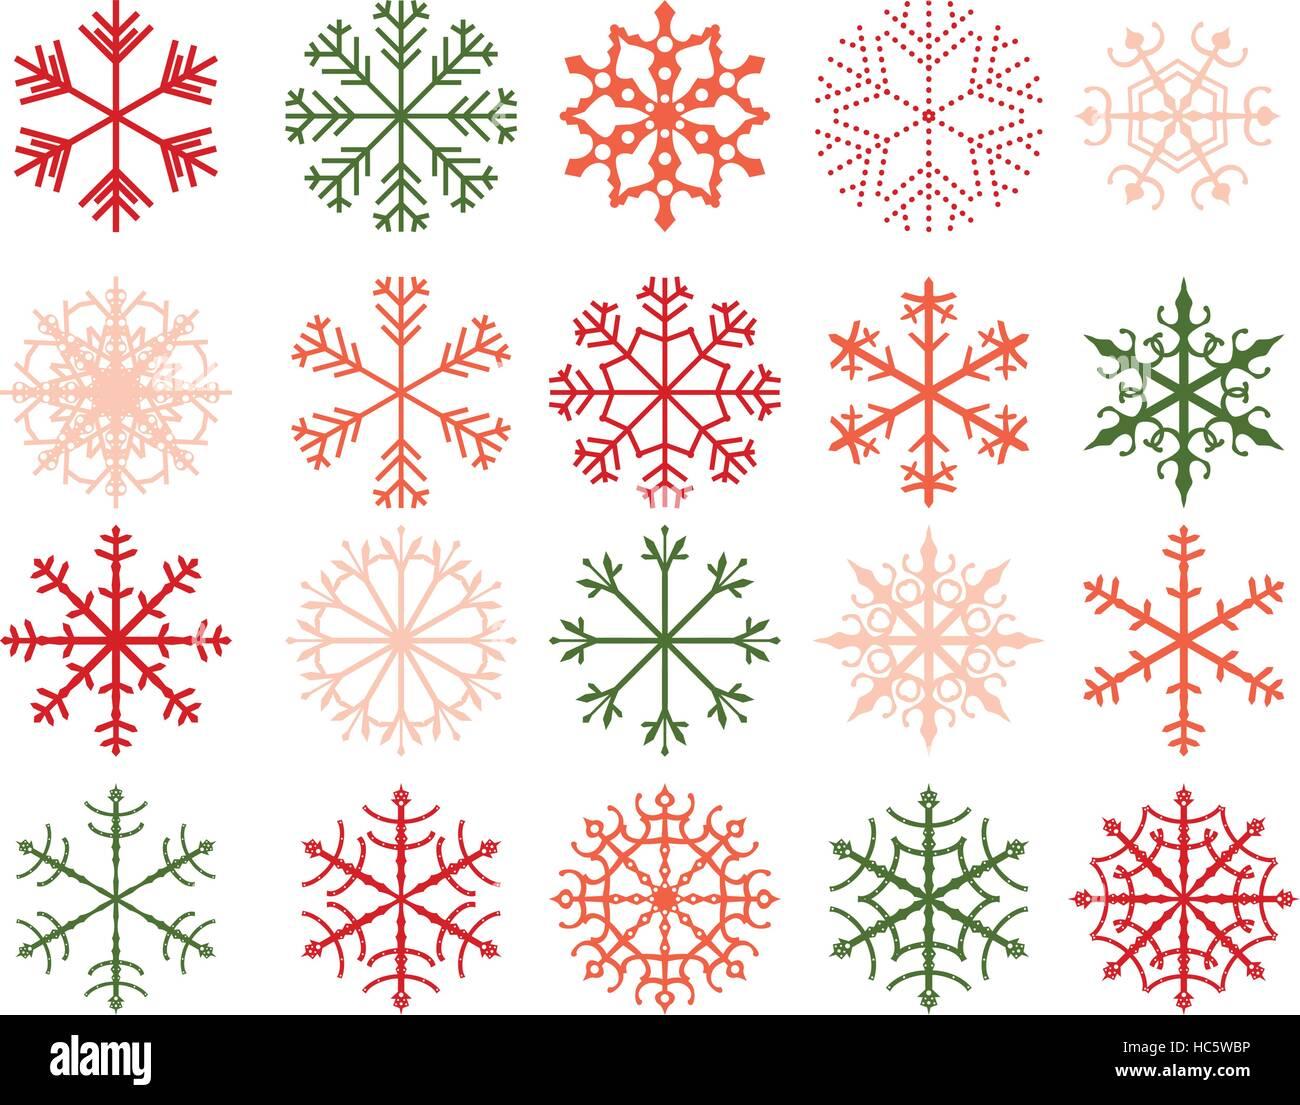 Hiver Flocon Neige Dessins Formes Geometriques Abstraites En Vert Rouge Et Rose Vif Couleurs Image Vectorielle Stock Alamy